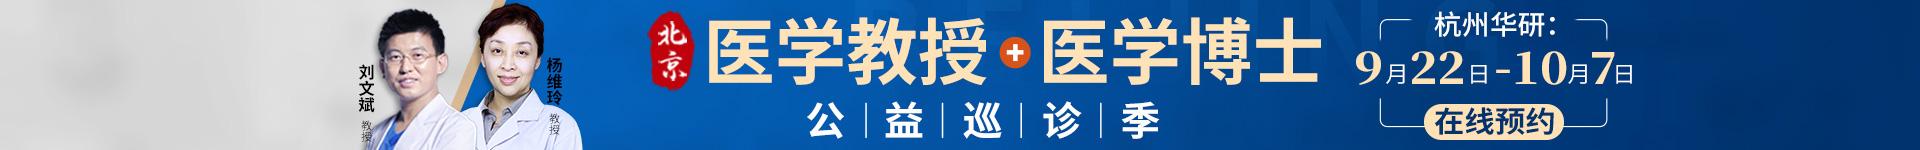 杭州华研医院